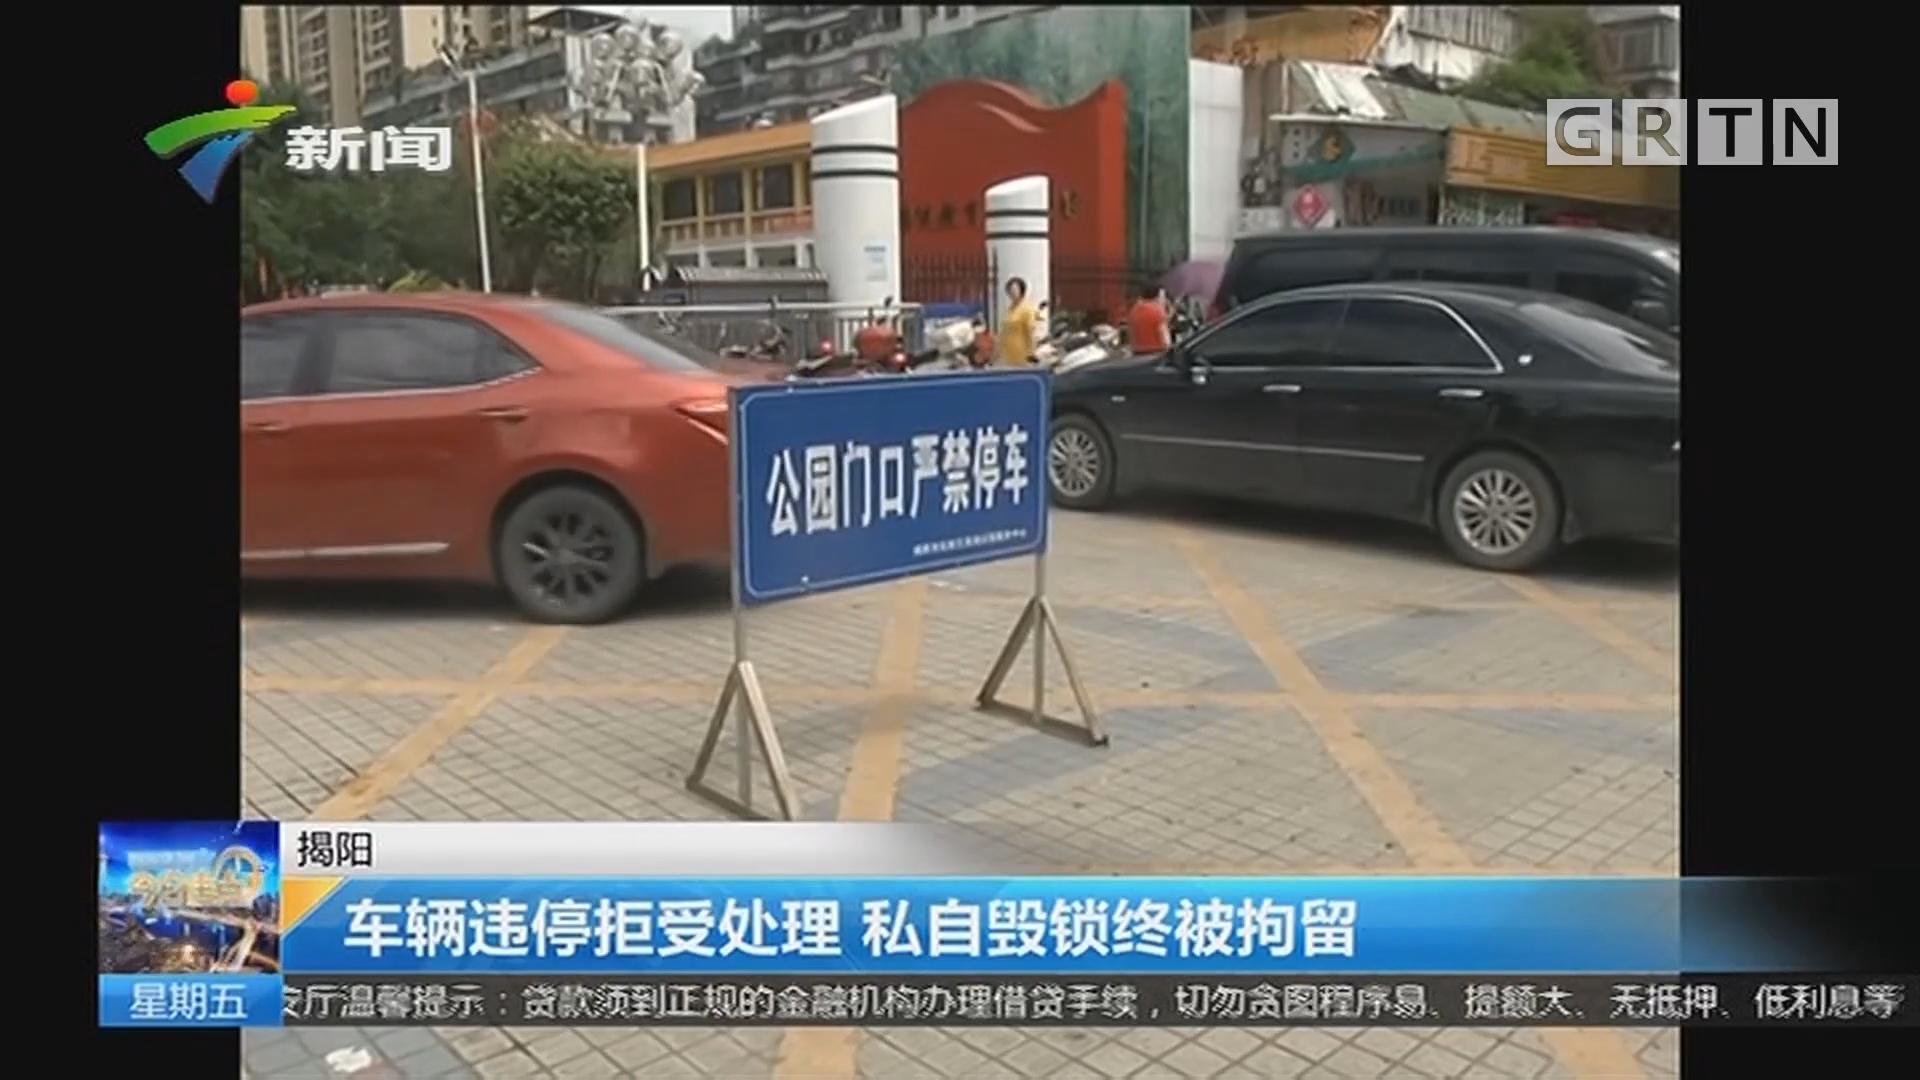 揭阳:车辆违停拒受处理 私自毁锁终被拘留